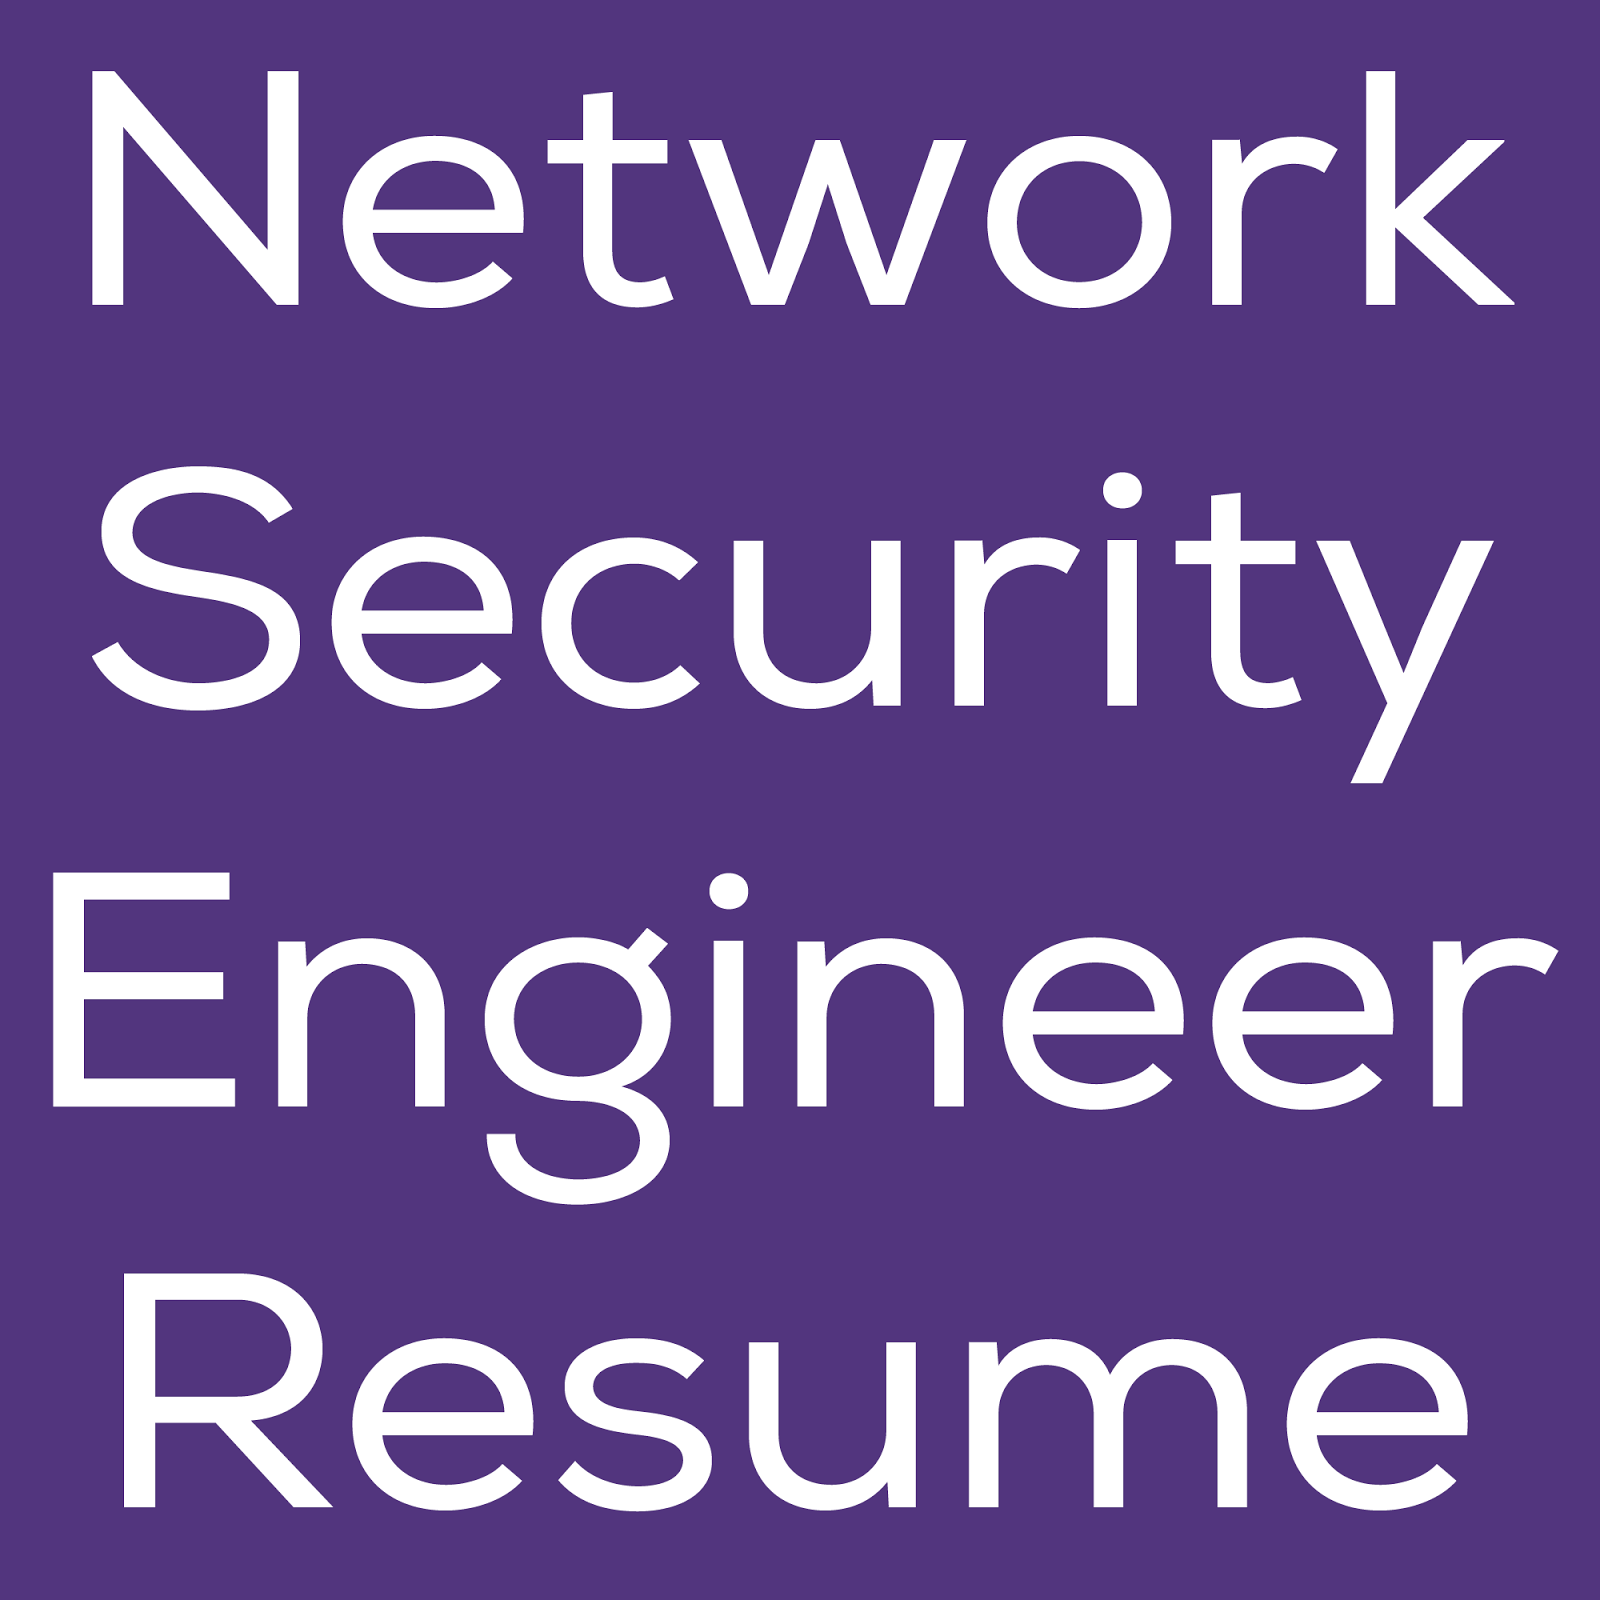 network security engineer resume engineers daily